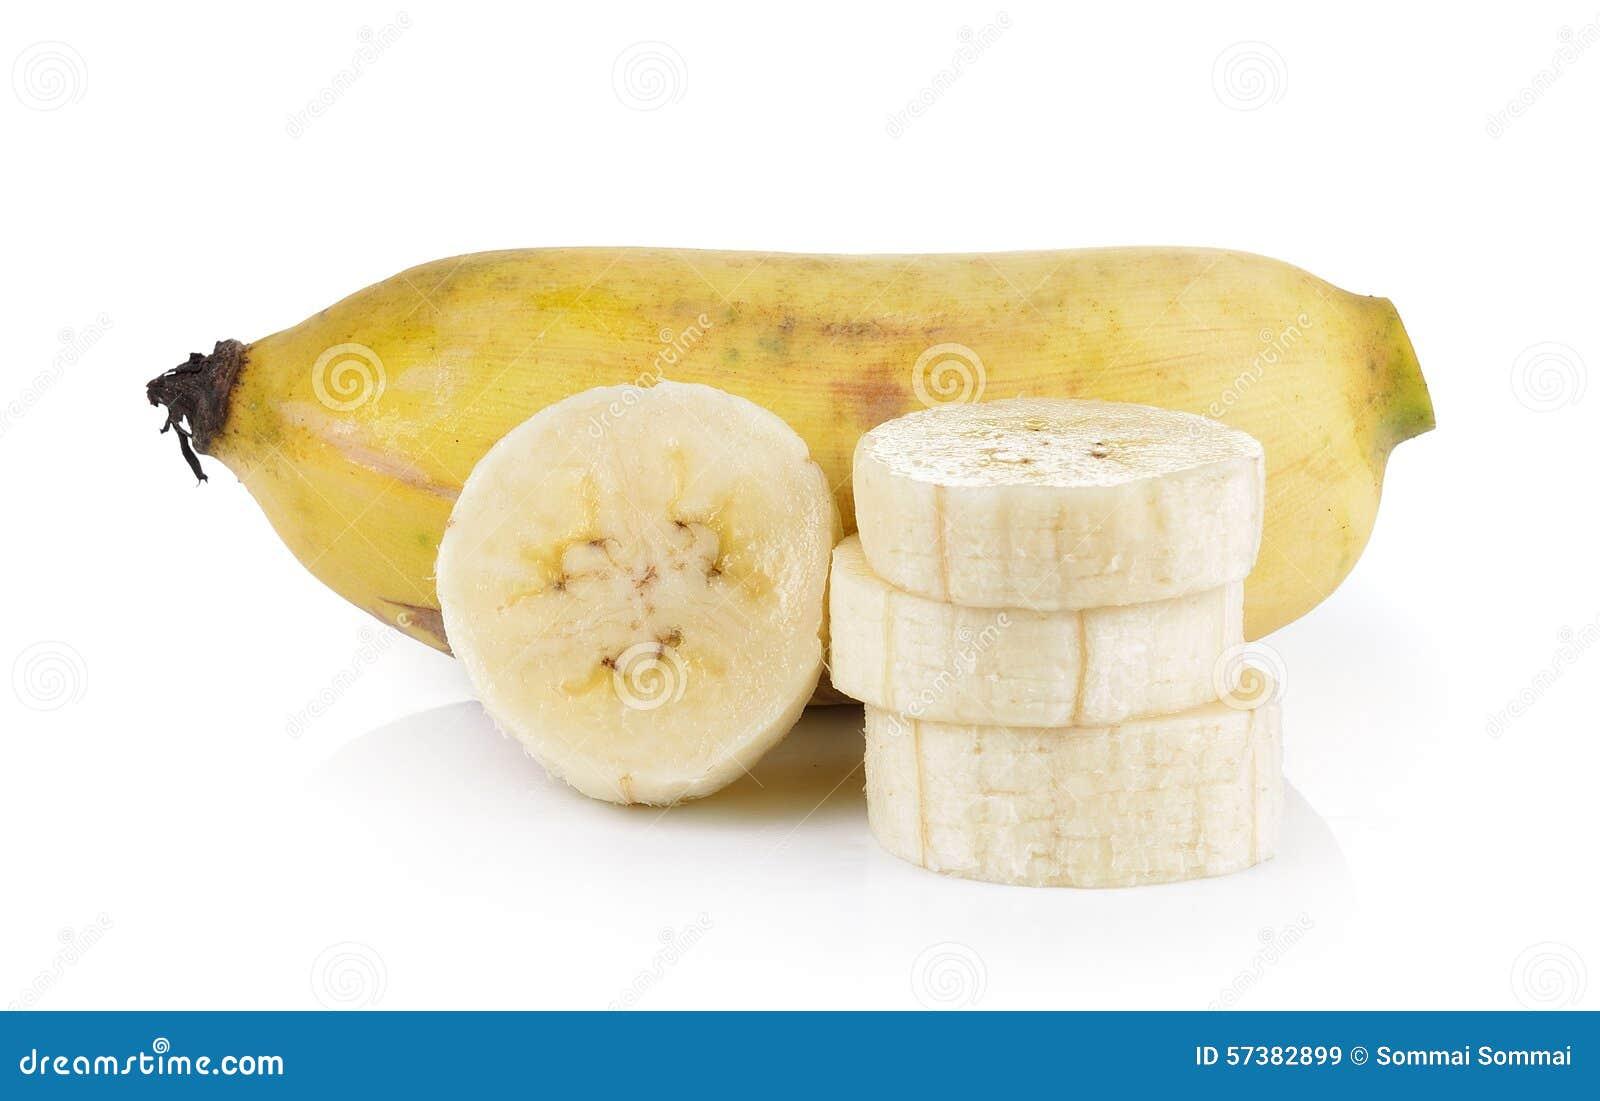 Gecultiveerde die banaan op witte achtergrond wordt geïsoleerd